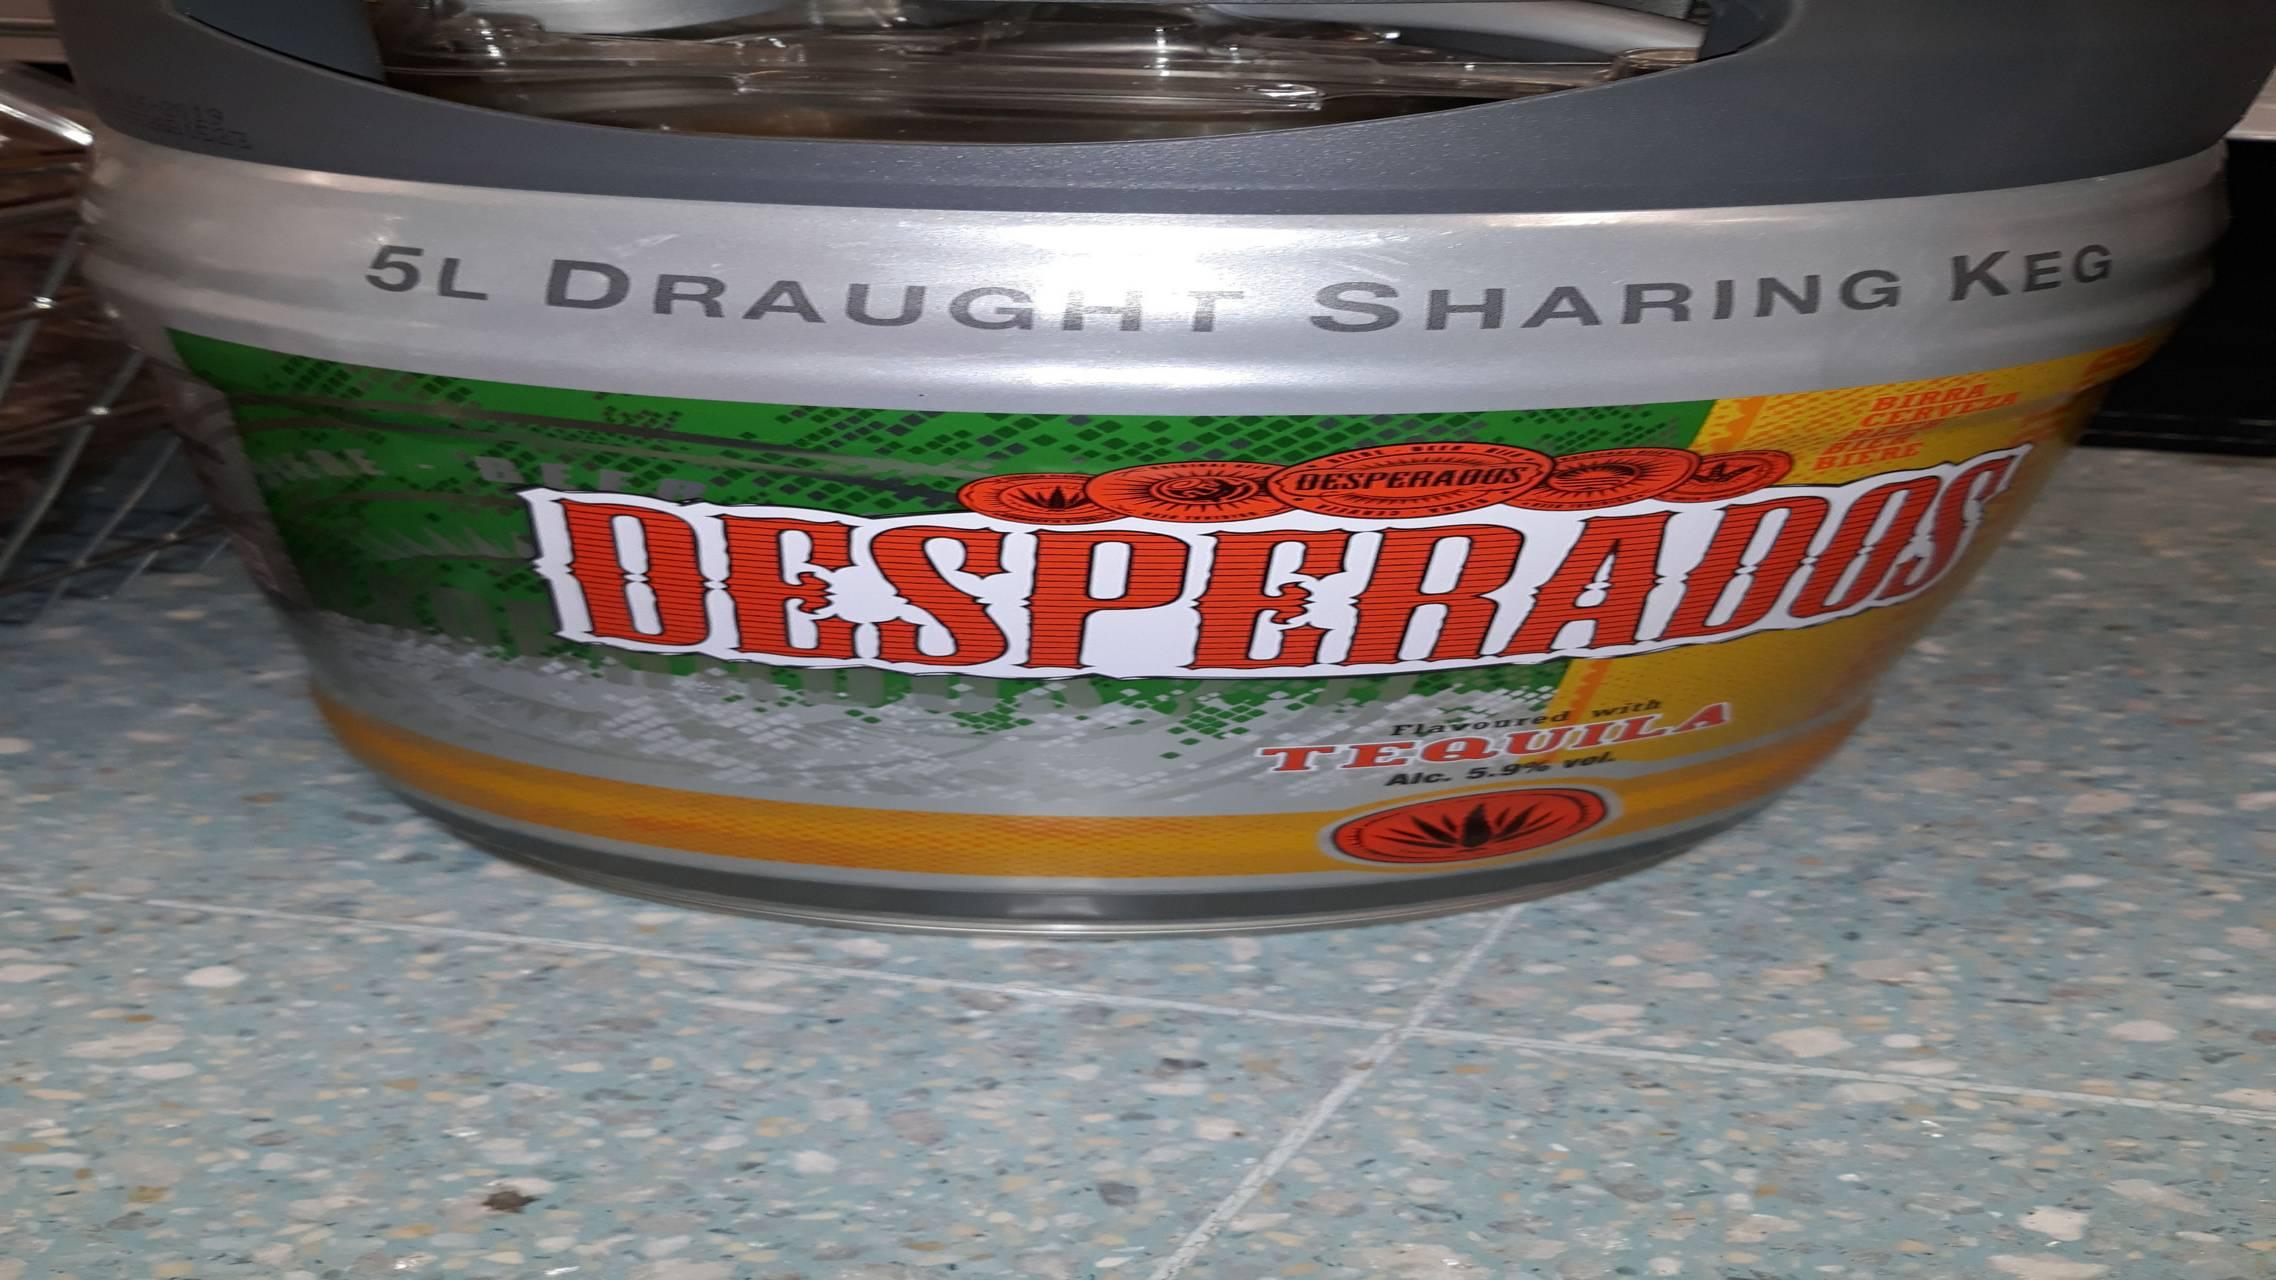 Desperado keg